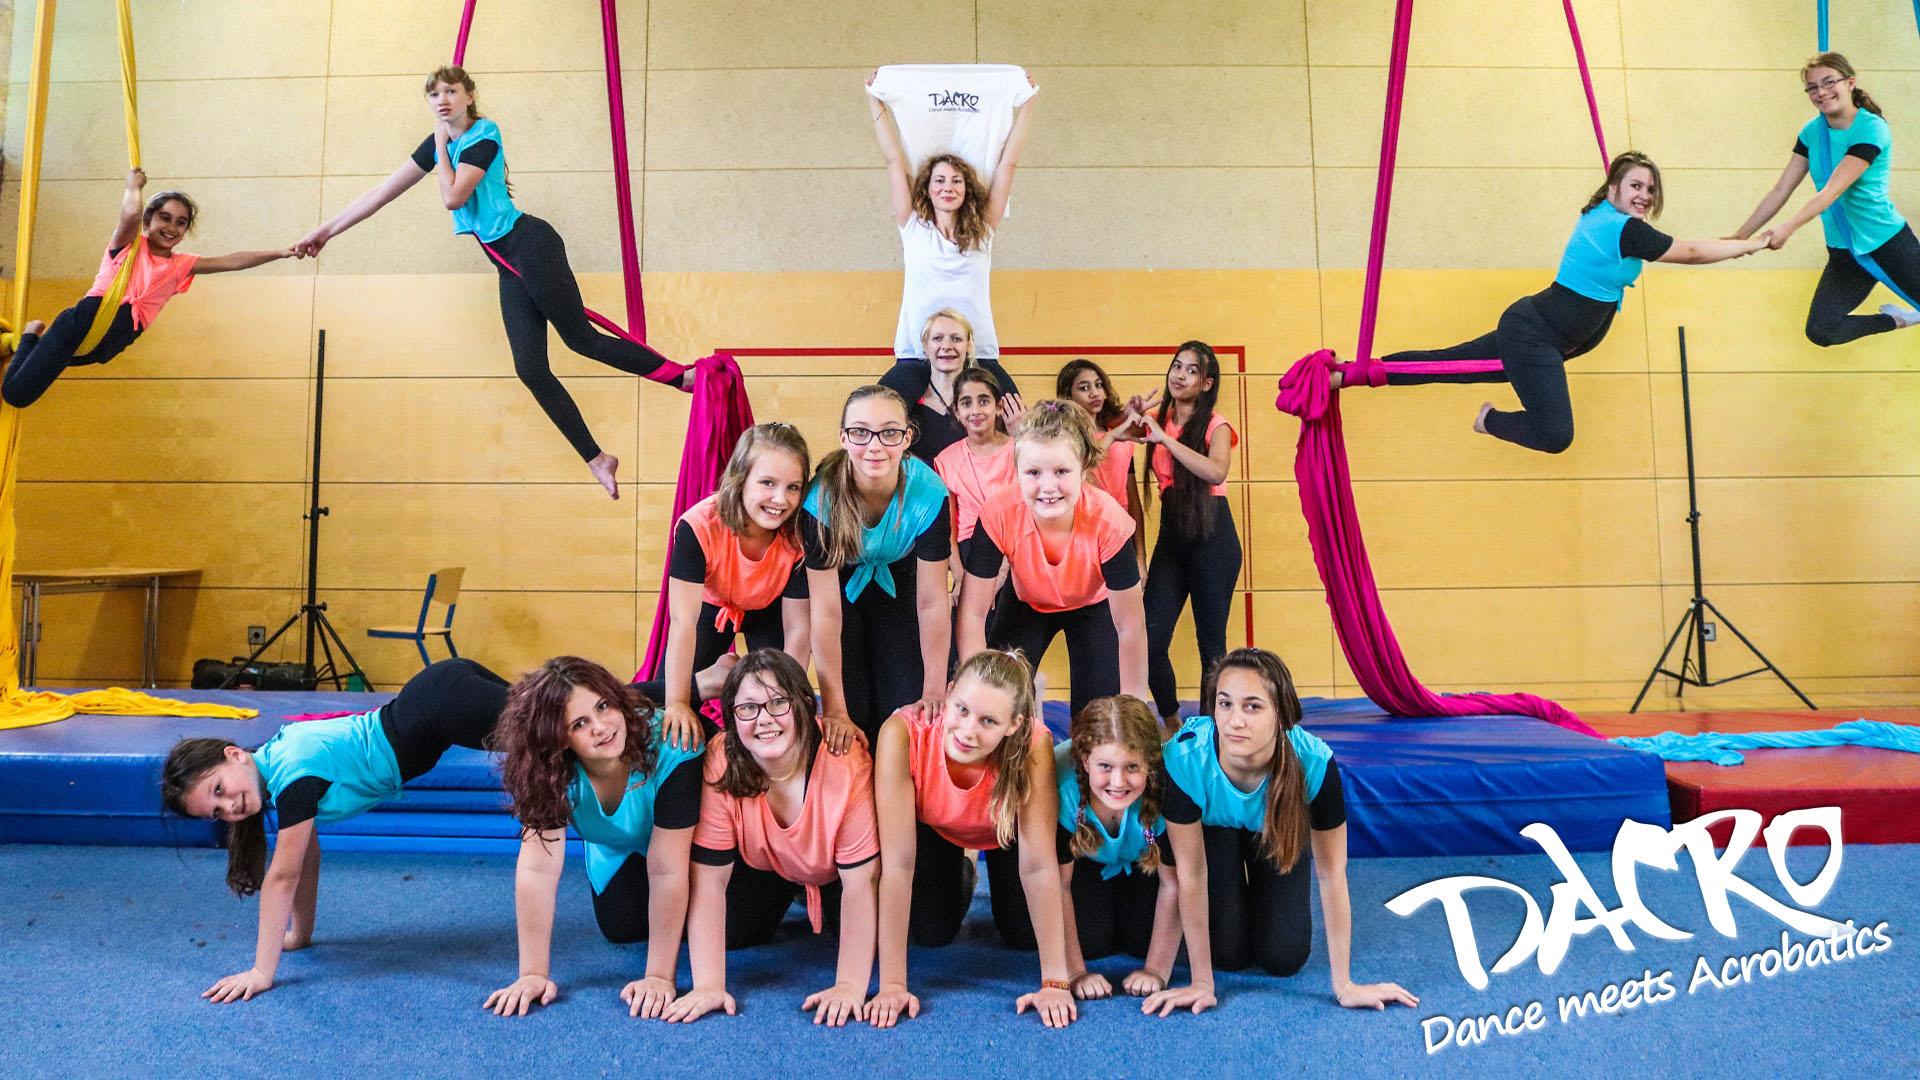 DACRO Dance meets Acrobatics Titelbild